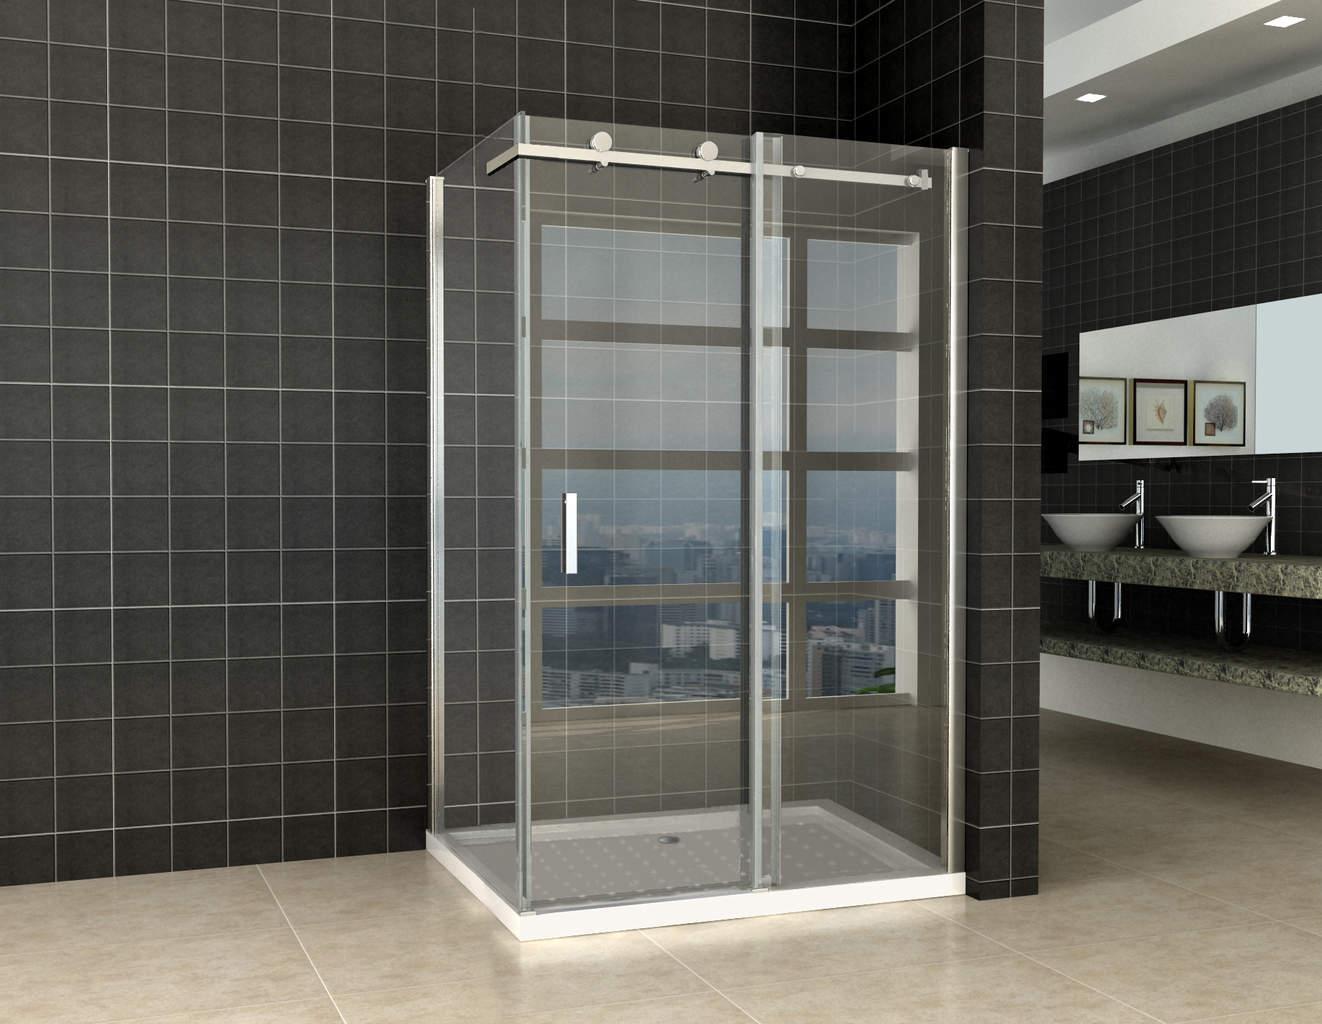 Douchewand Glas 90 Cm.Douchedeur Zijwand 1200 X 900 X 2000 Mm 8mm Nano Glas Megadump